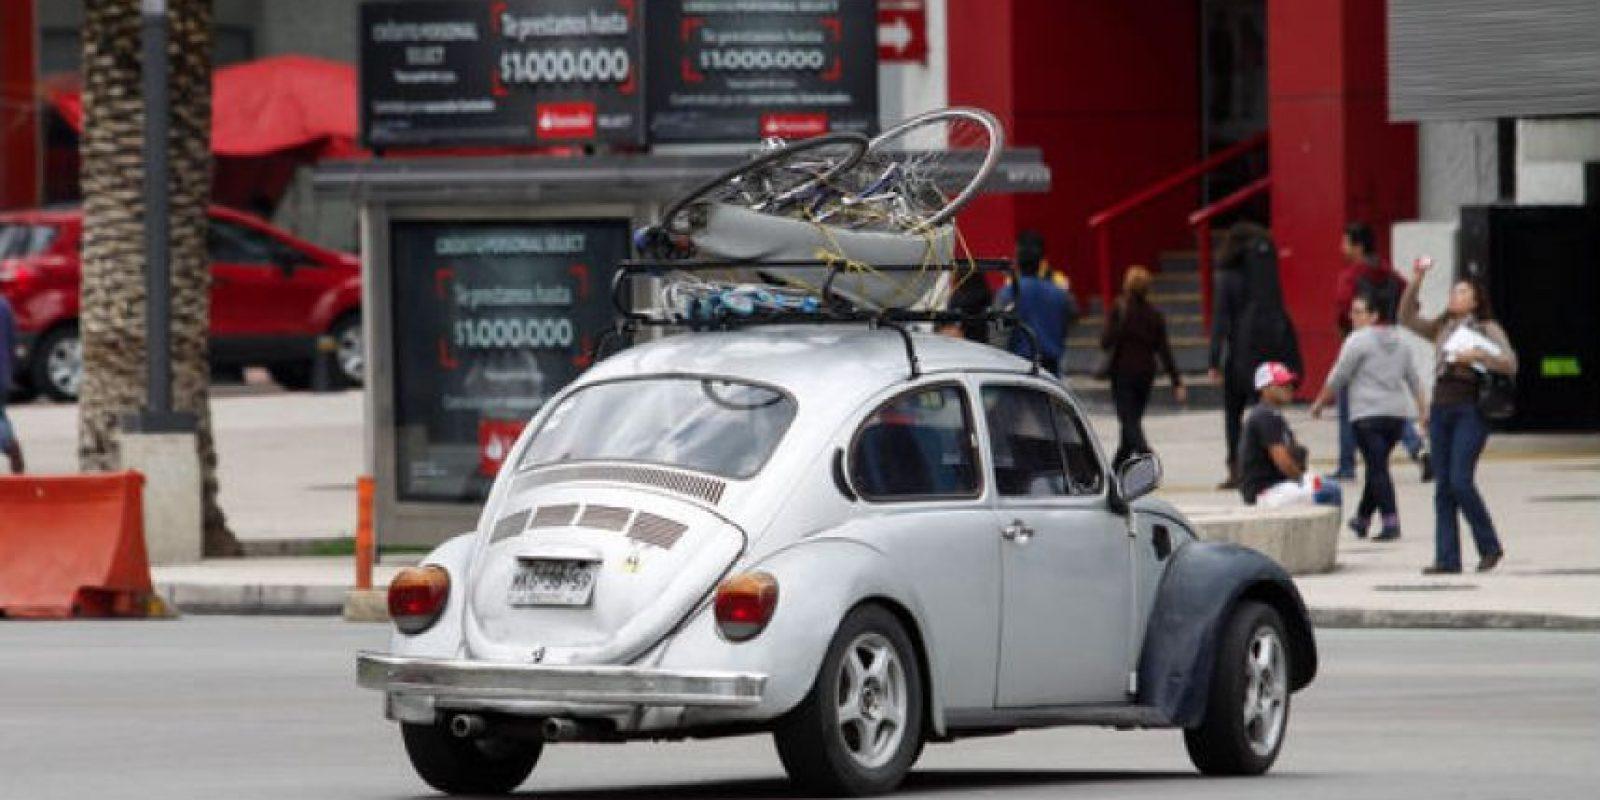 Se busca que autos que contaminan menos circulen más y viceversa Foto:Archivo Cuartoscuro